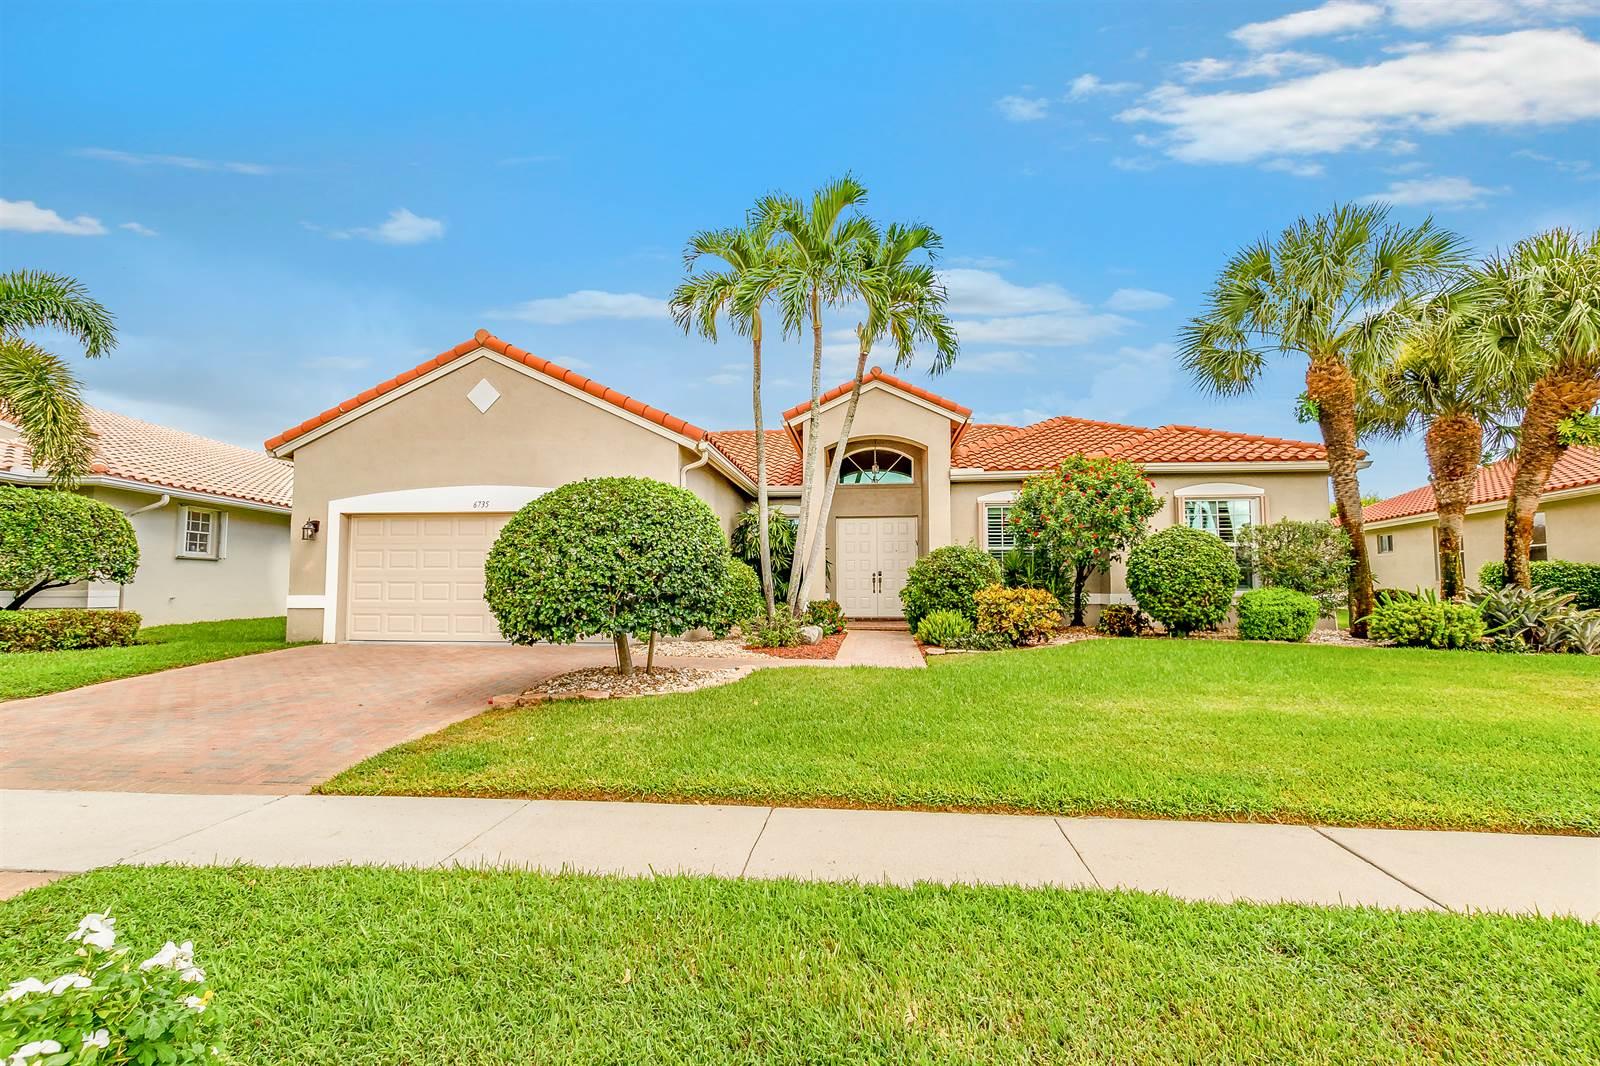 6735 East Liseron, Boynton Beach, FL 33437